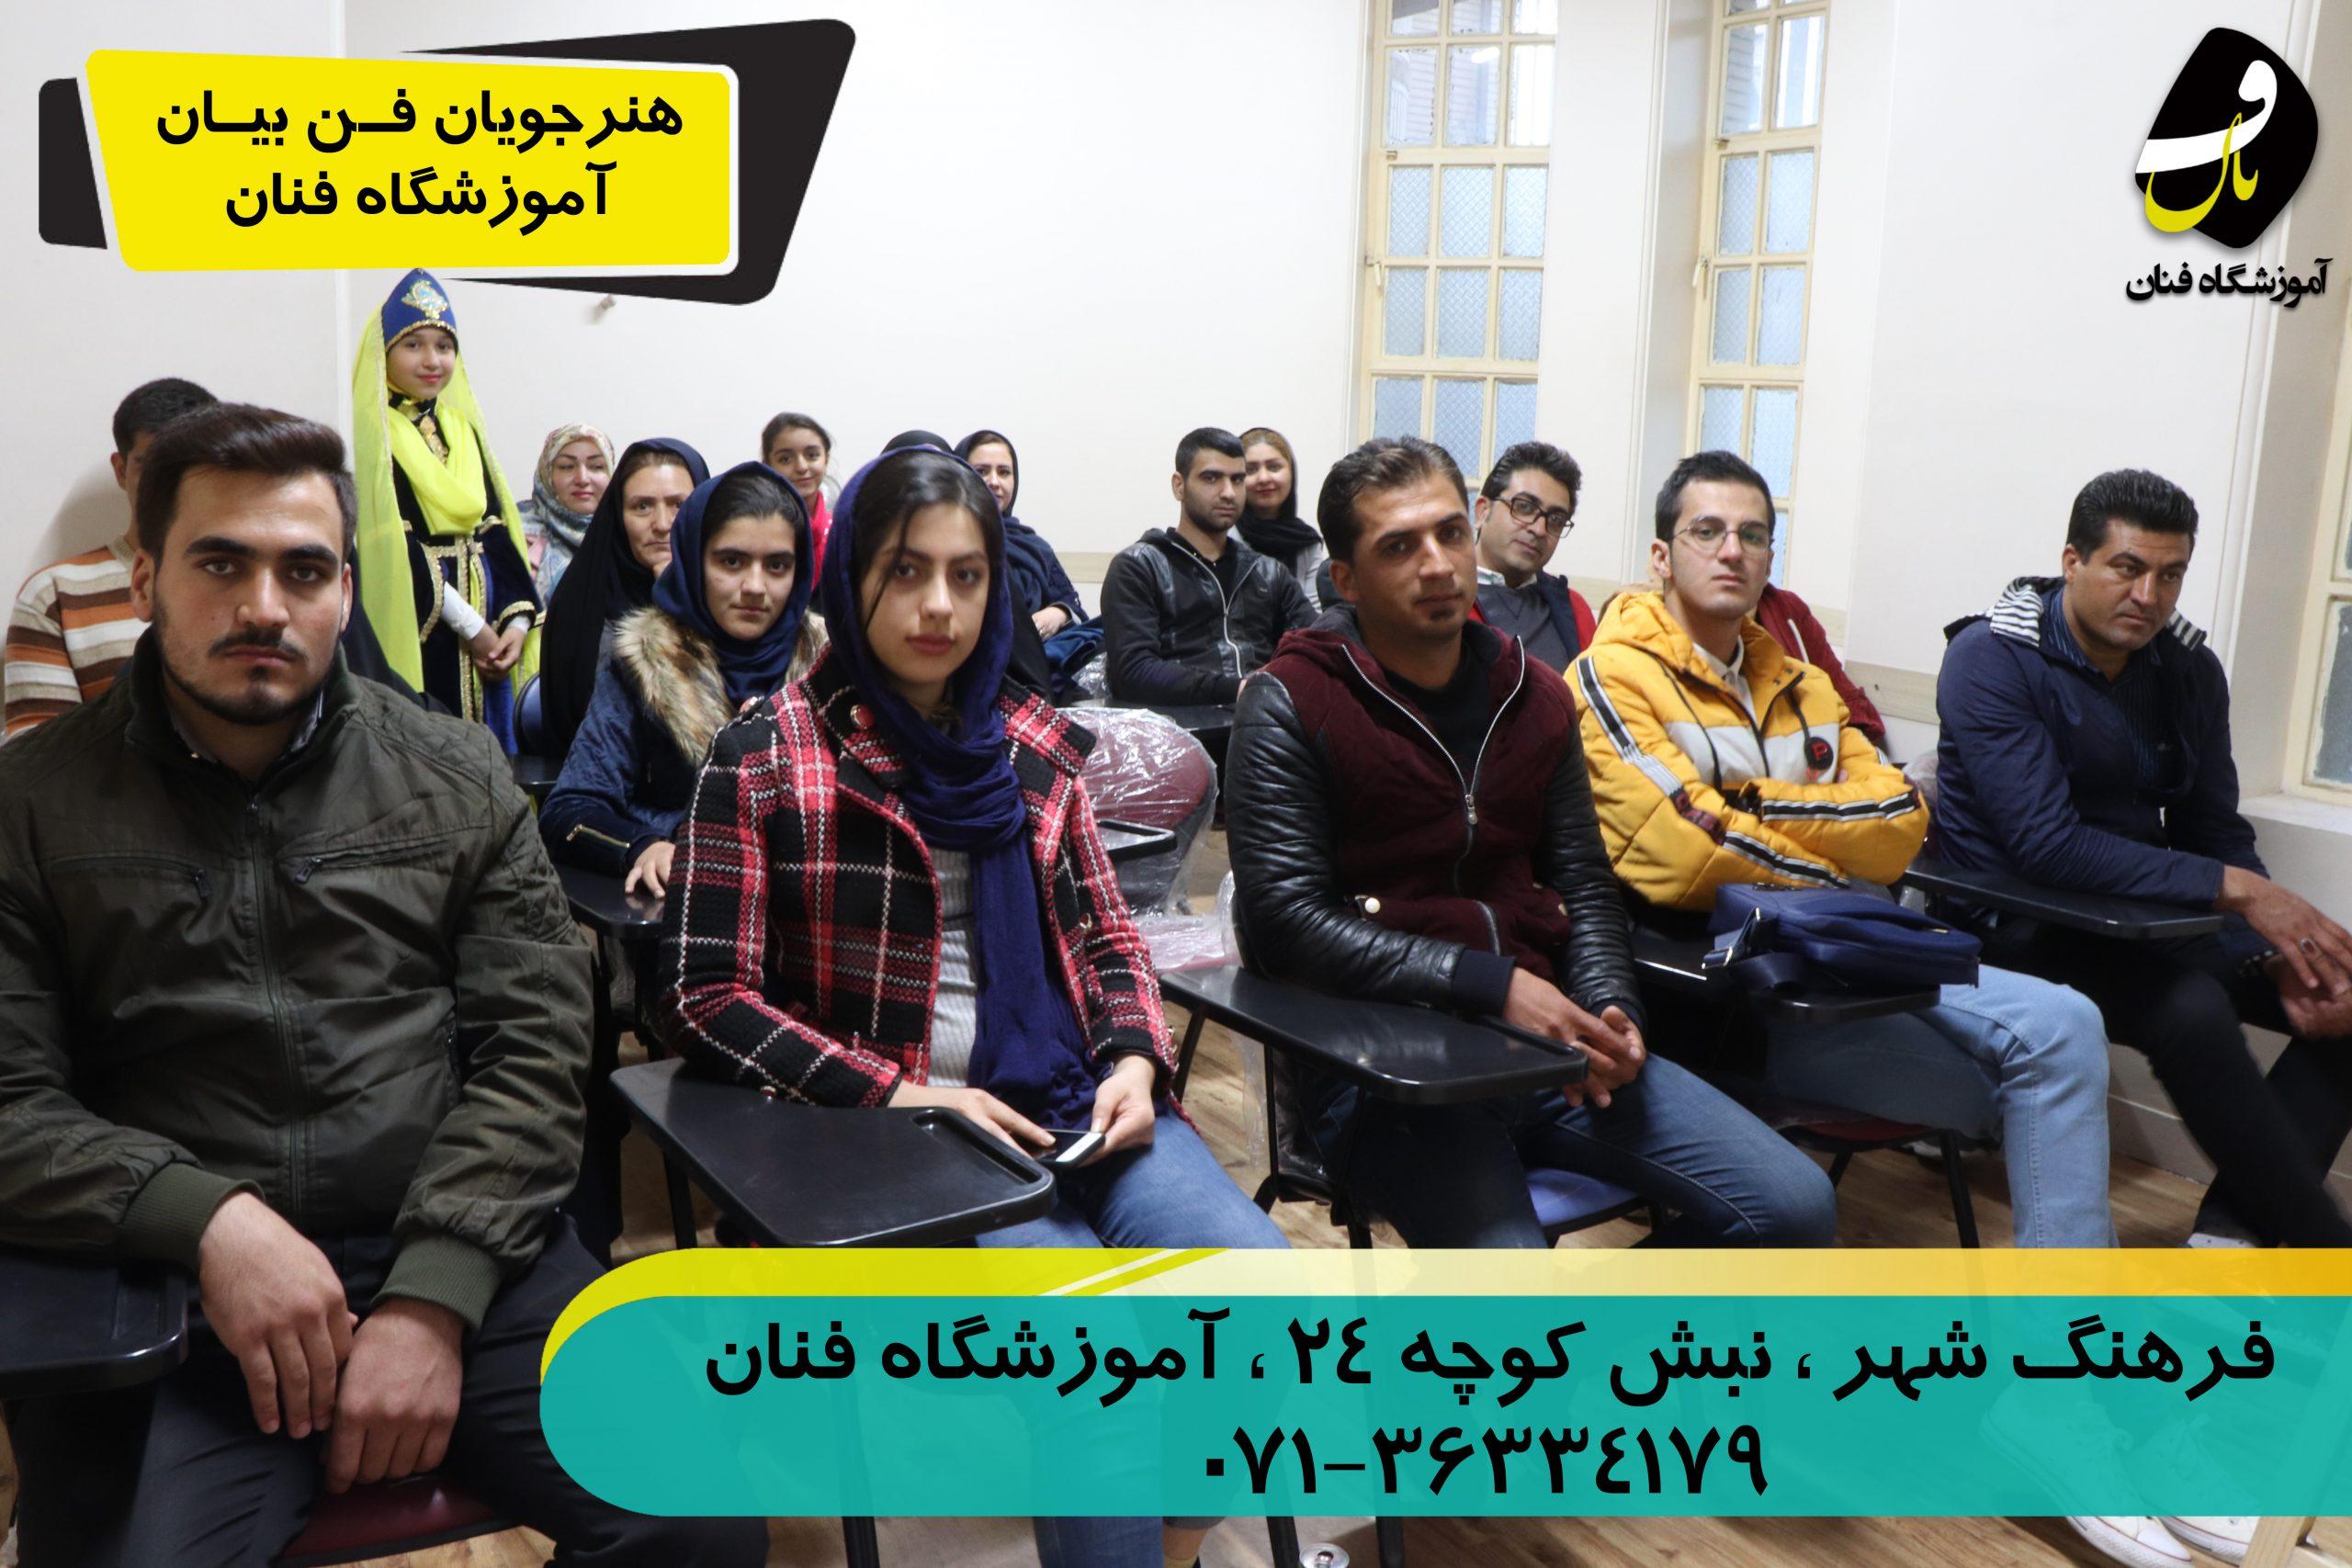 بهترین آموزشگاه فن بیان شیراز